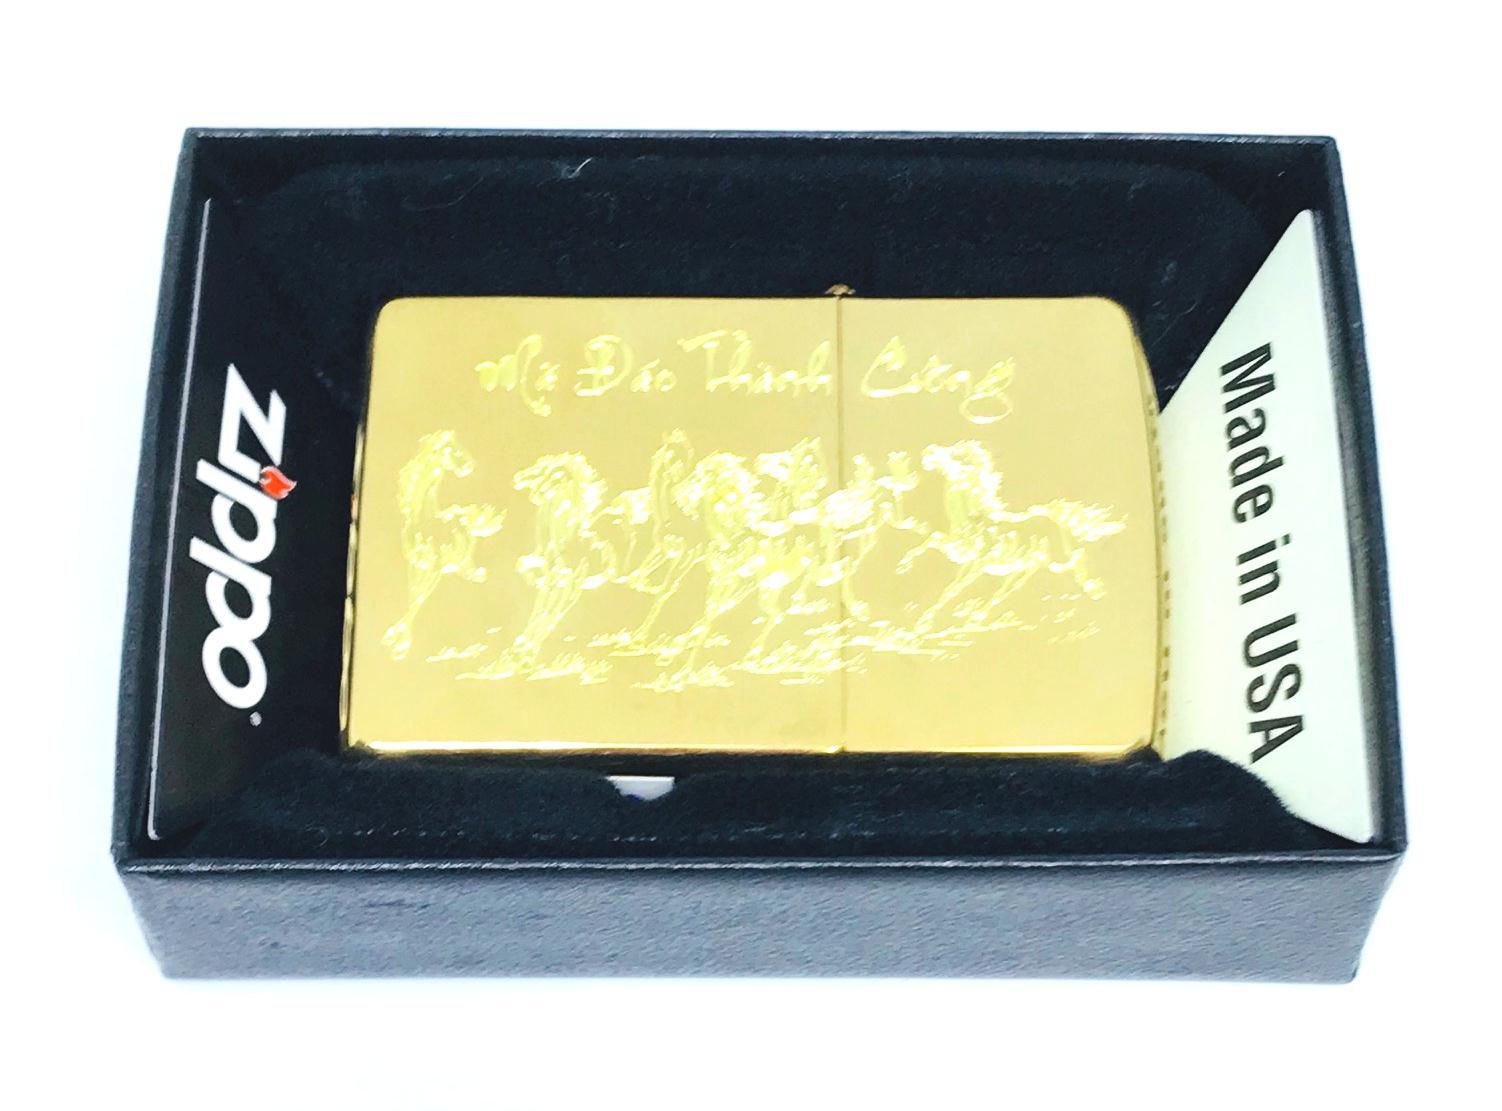 Bat lua zippo usa khac sieu sau 1 mat hinh ma dao thanh cong Z592